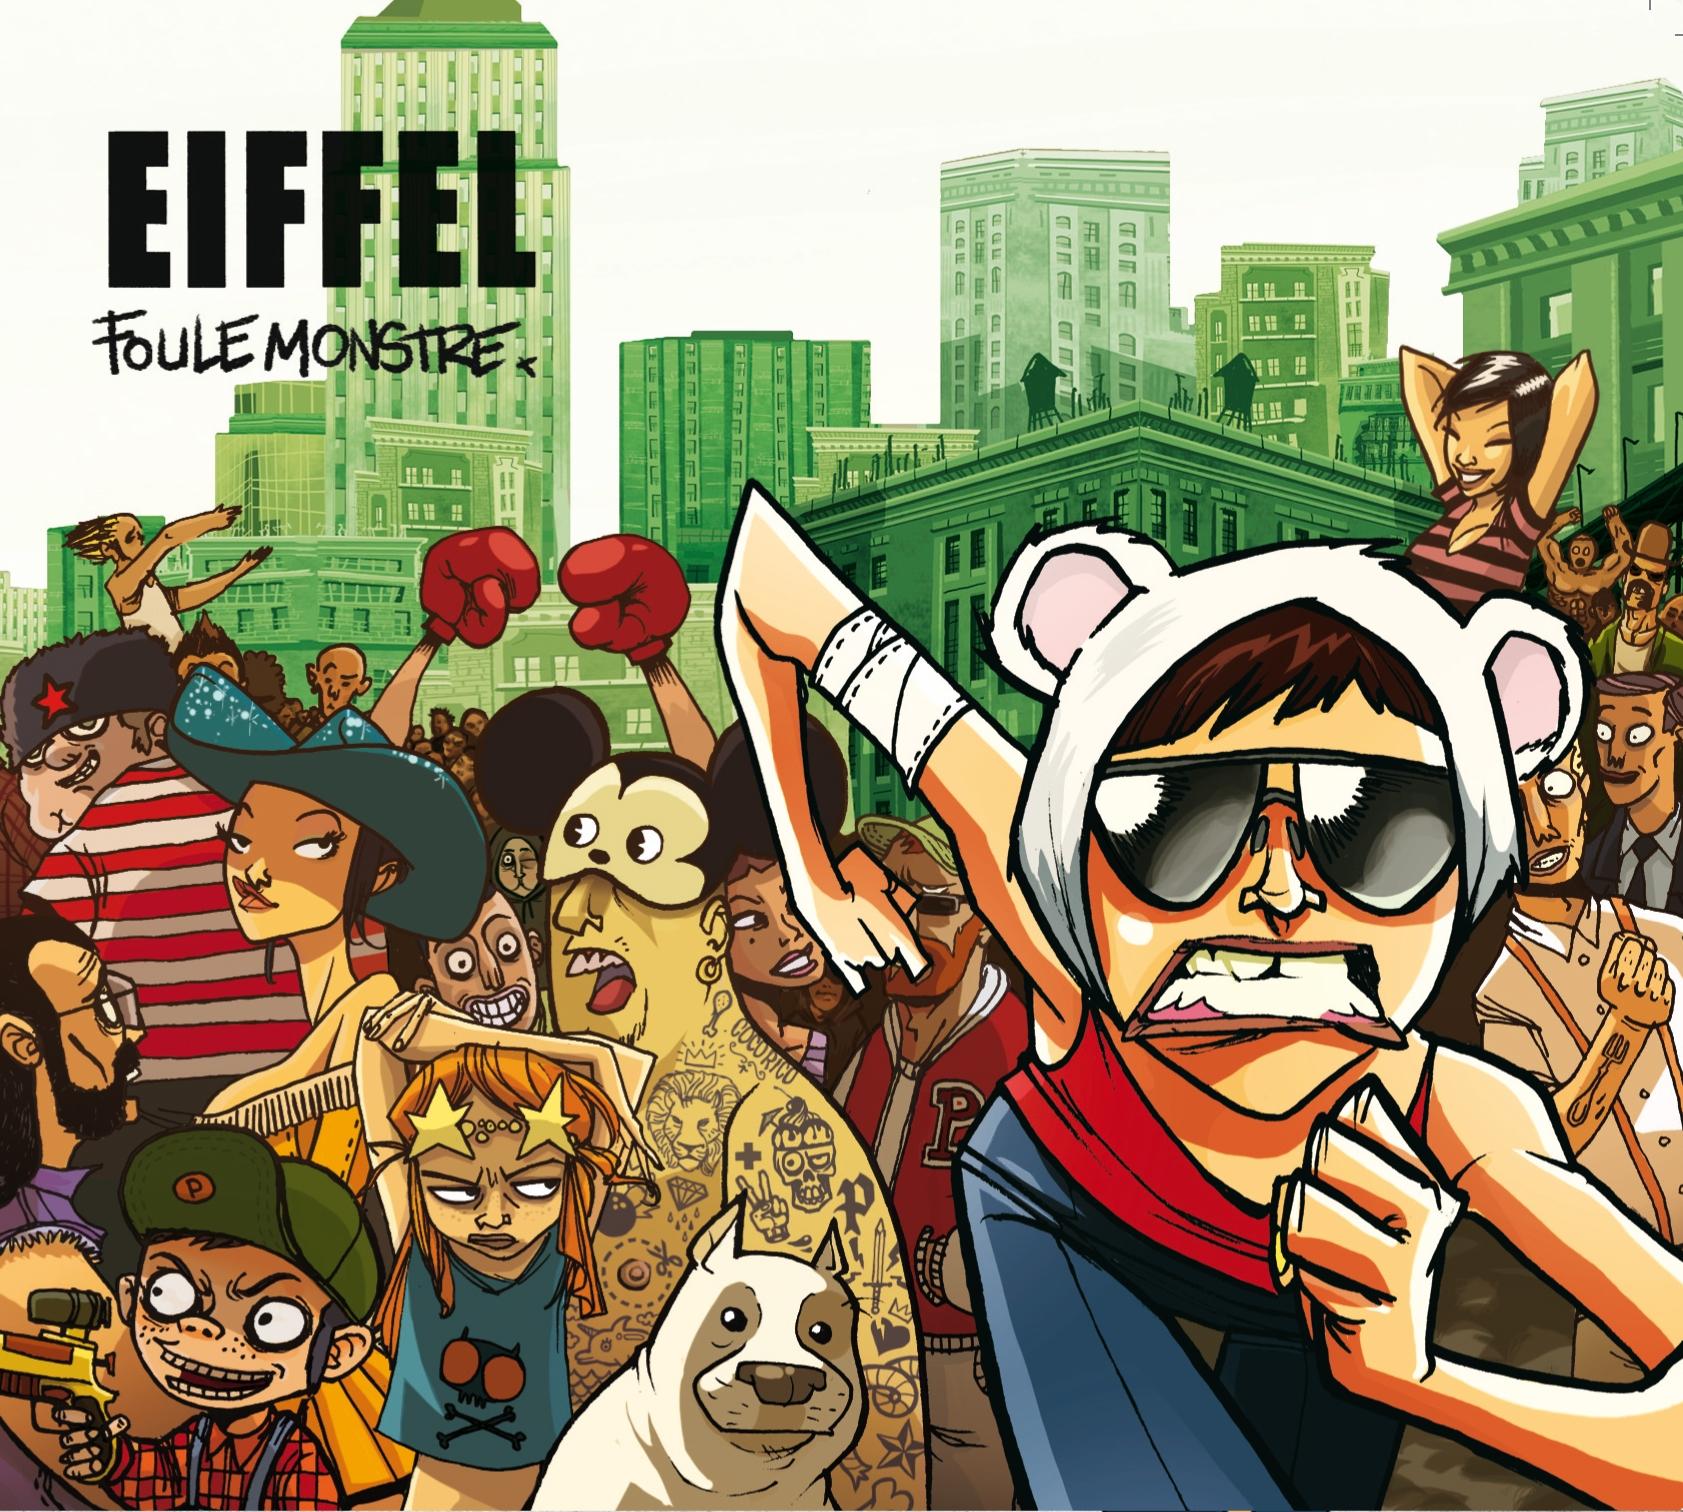 EIFFEL- Foule Monstre